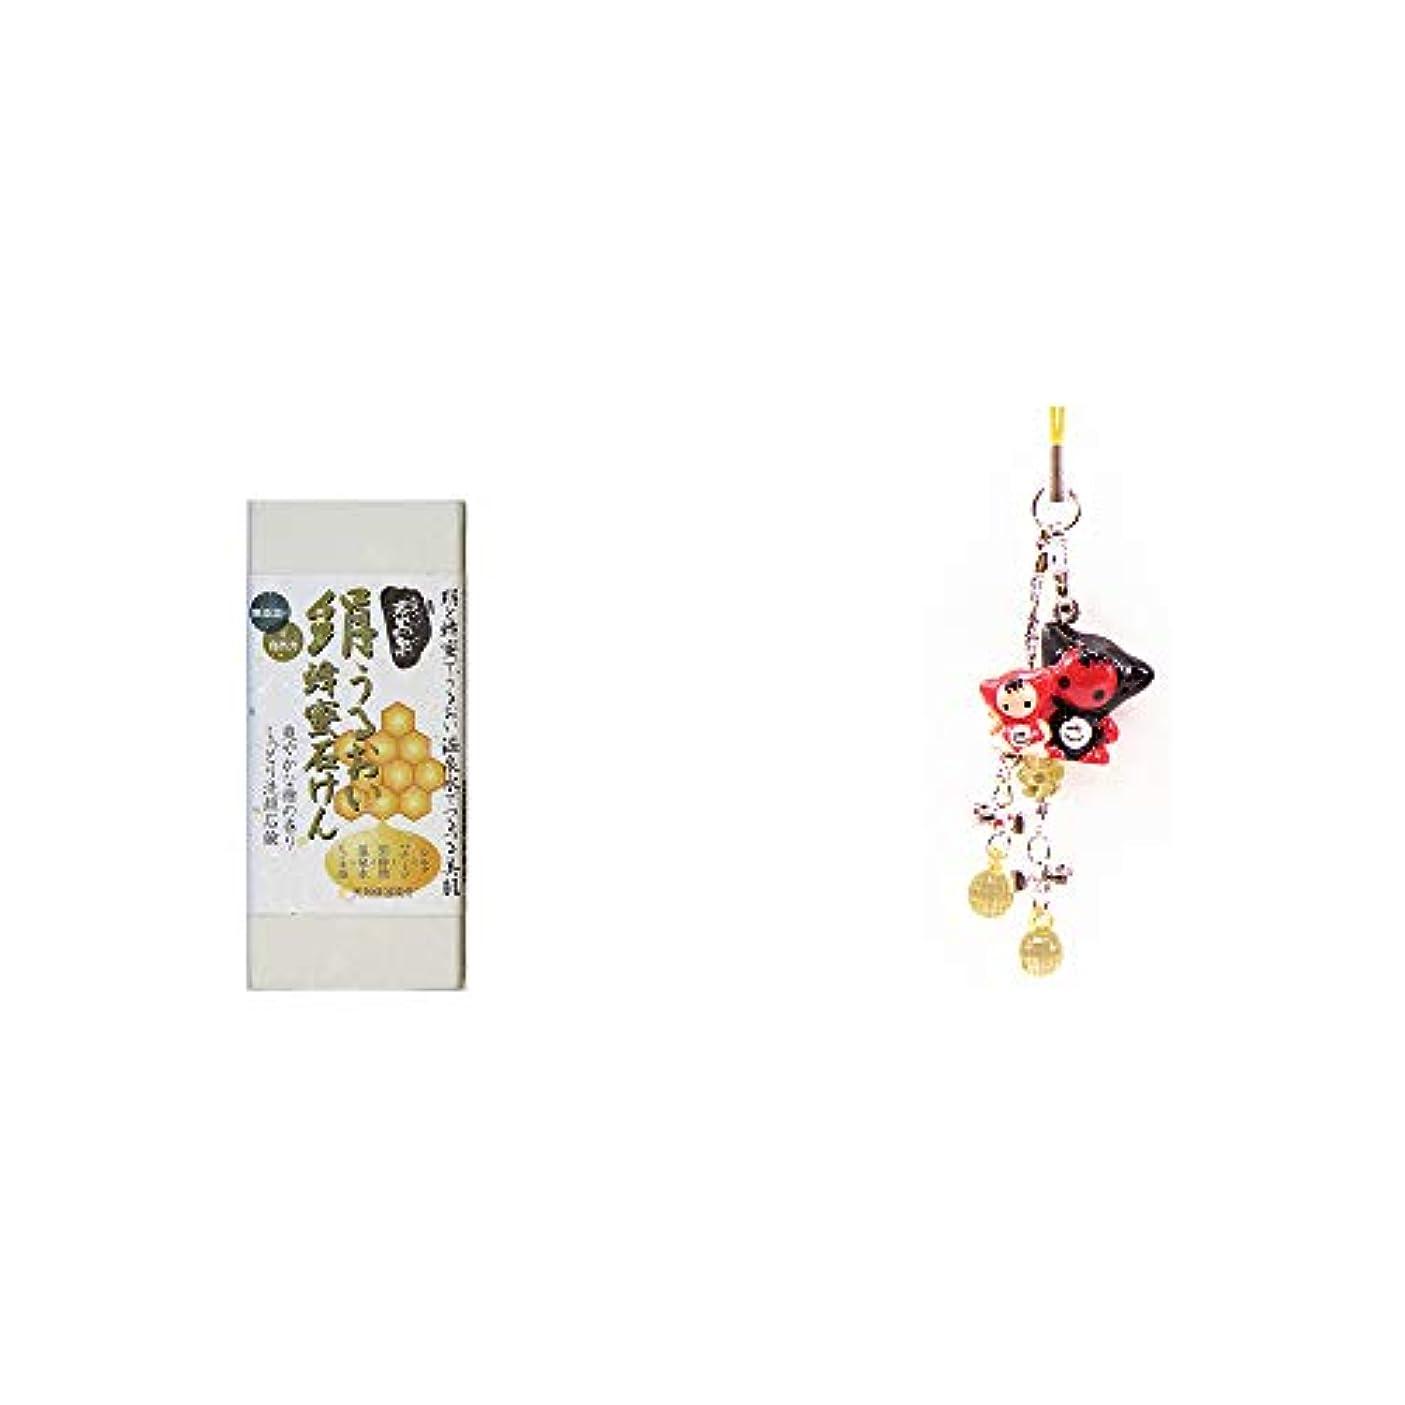 虫明快リテラシー[2点セット] ひのき炭黒泉 絹うるおい蜂蜜石けん(75g×2)?さるぼぼペアビーズストラップ 【黄】/縁結び?魔除け//